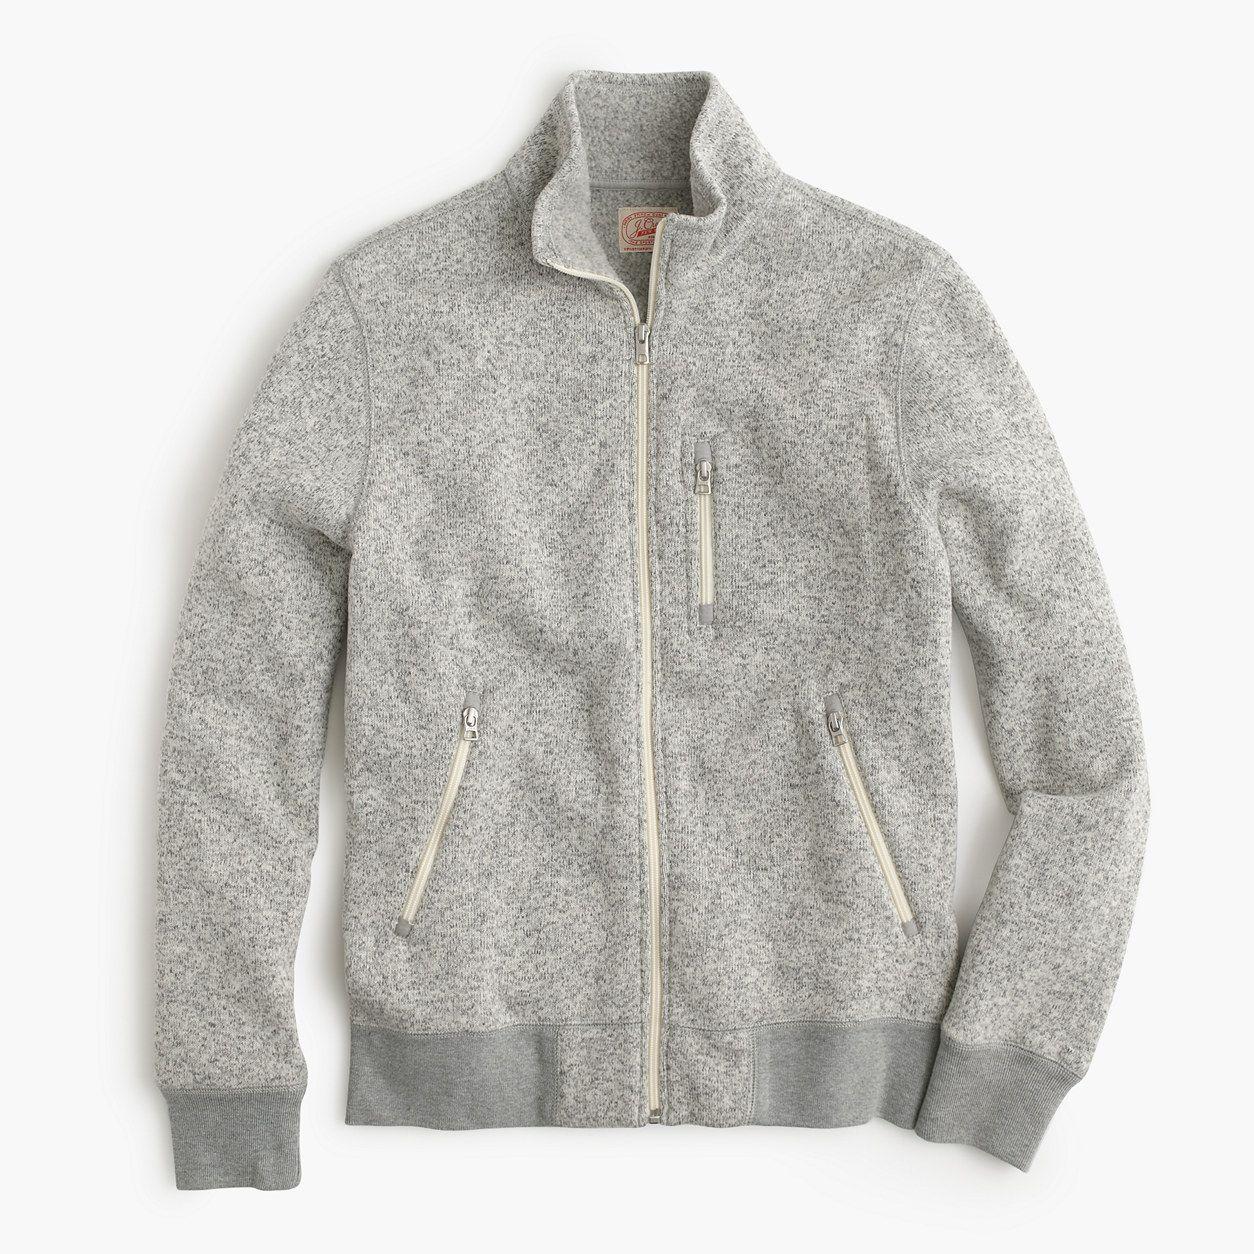 Jcrew mens summit fleece fullzip jacket in heather stone size xl